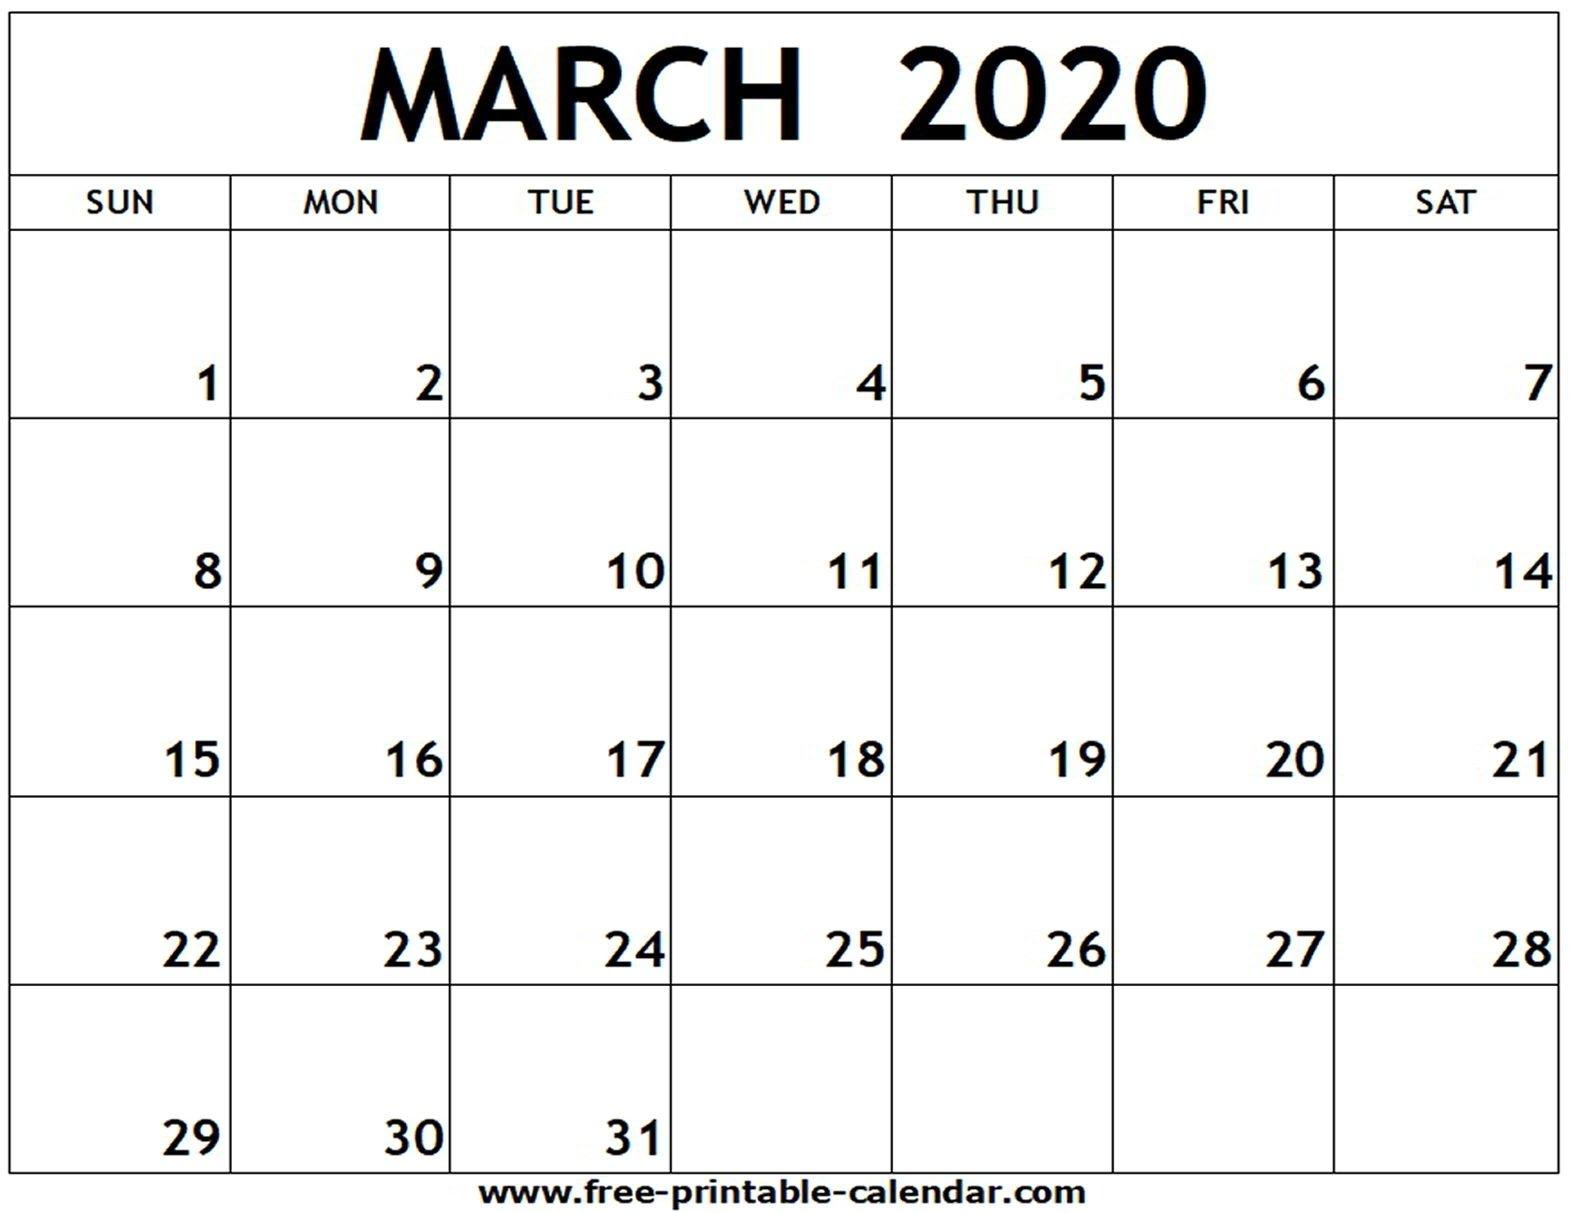 Blank Calander 2020 Fill In - Calendar Inspiration Design Free Printable Fill In Calendars